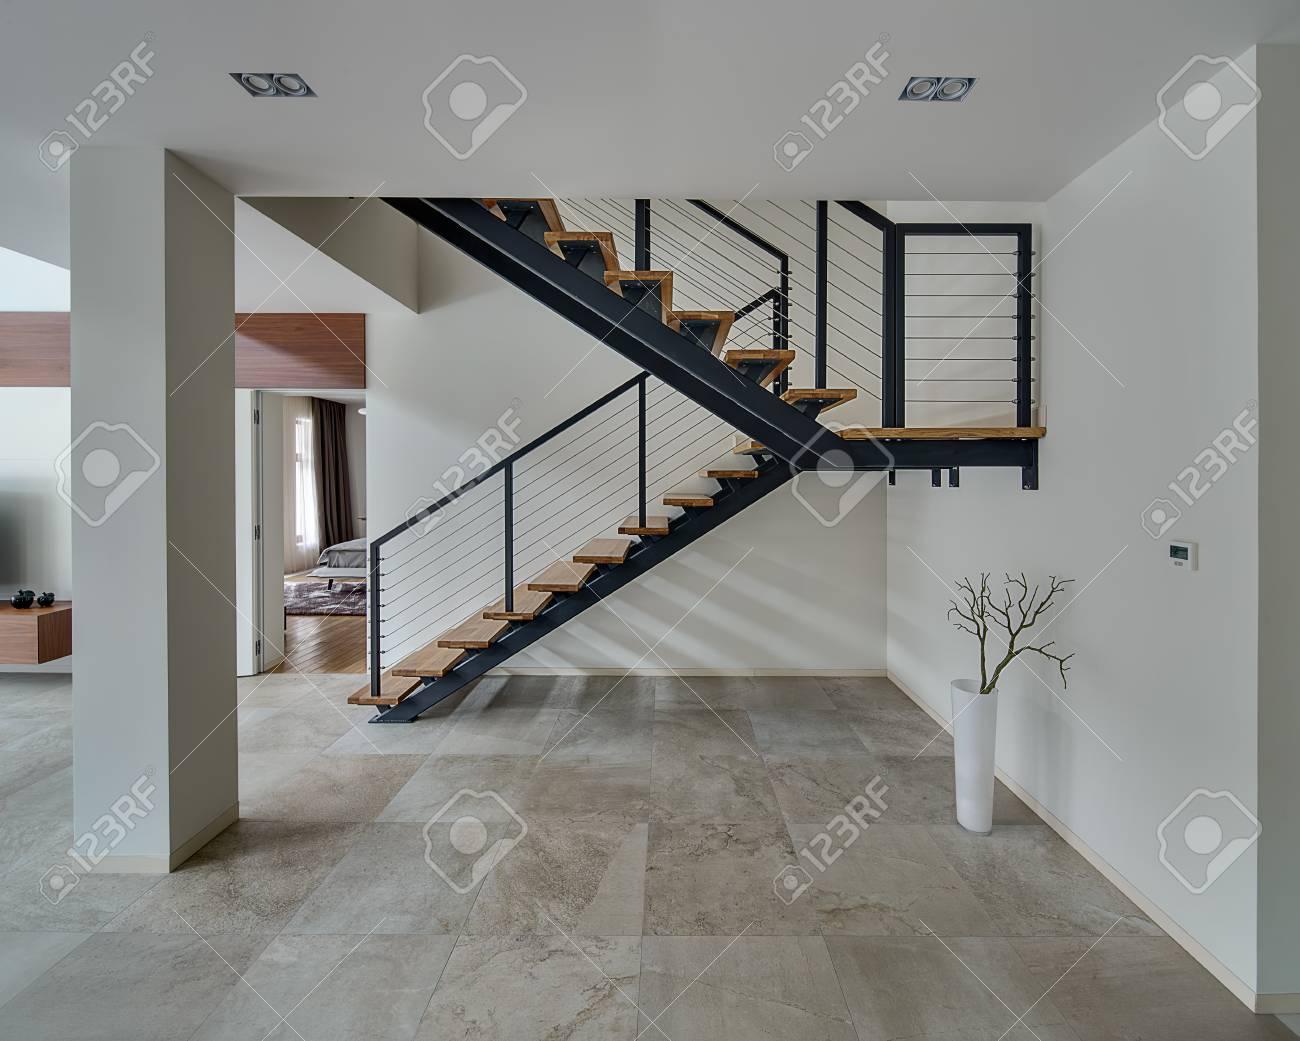 Immagini stock sala chiaro con pareti chiare e piastrelle di